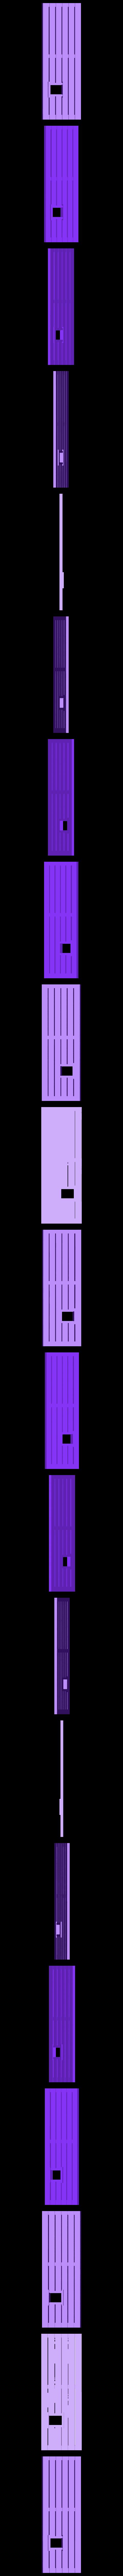 sidewall1_4.stl Télécharger fichier STL gratuit Le moulin • Design pour imprimante 3D, Earsling